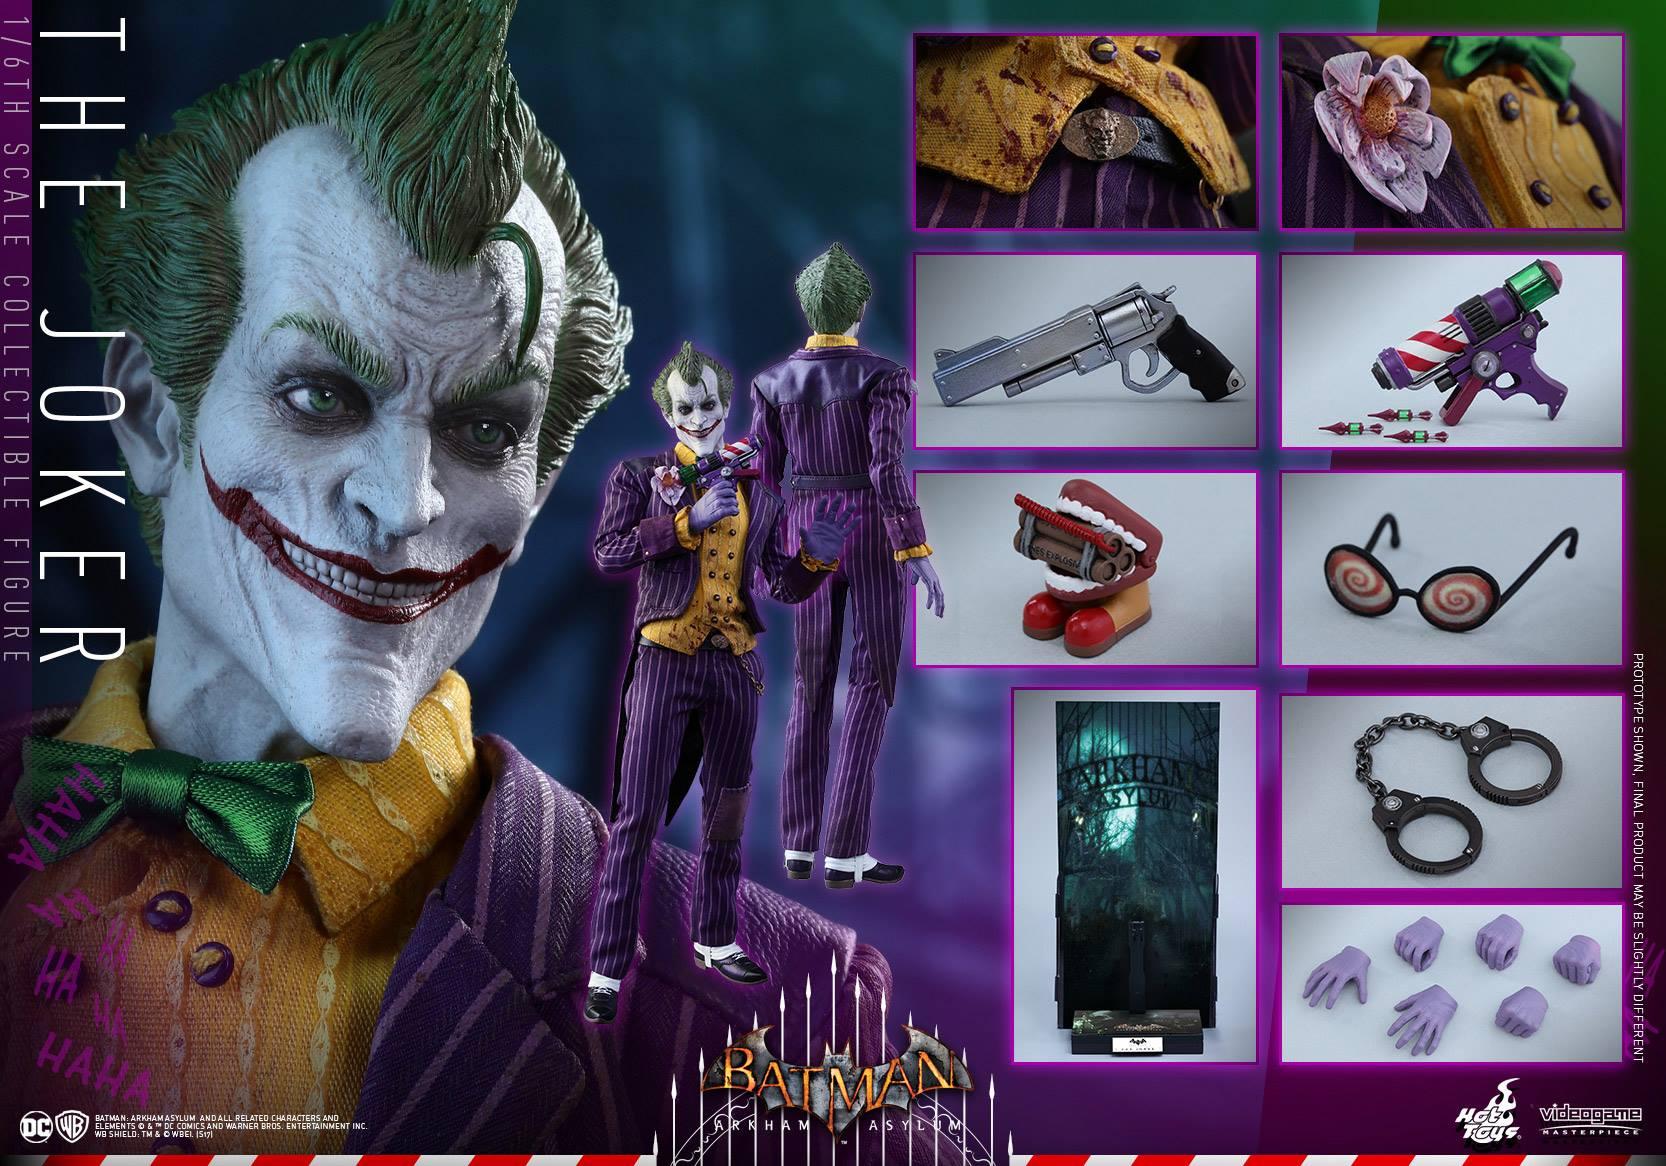 Hot Toys Batman: Arkham Asylum – The Joker Sixth Scale Figure Pre-Order